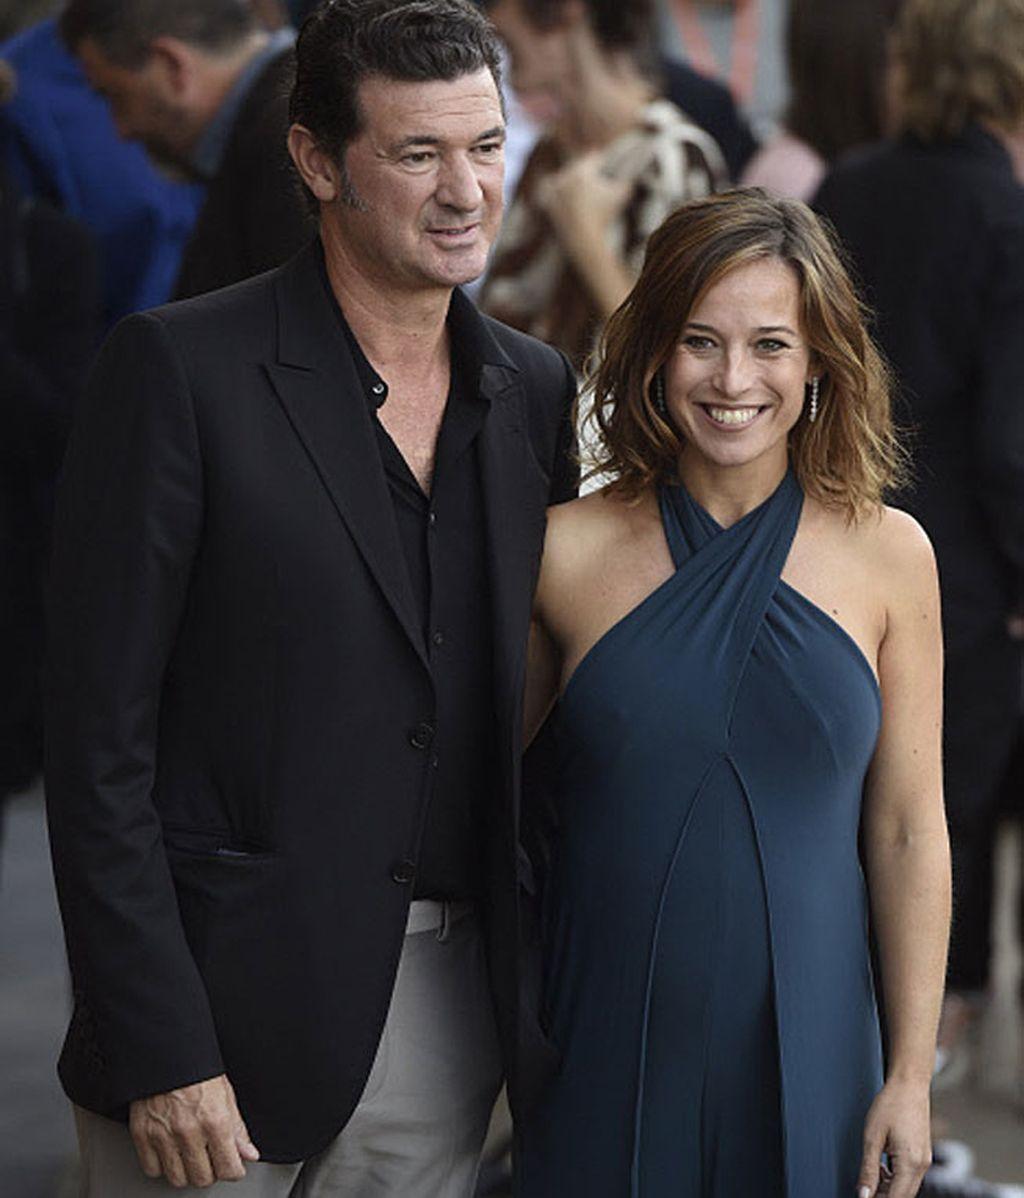 Marta Etura y el director Julio Medem posaron así de sonrientes